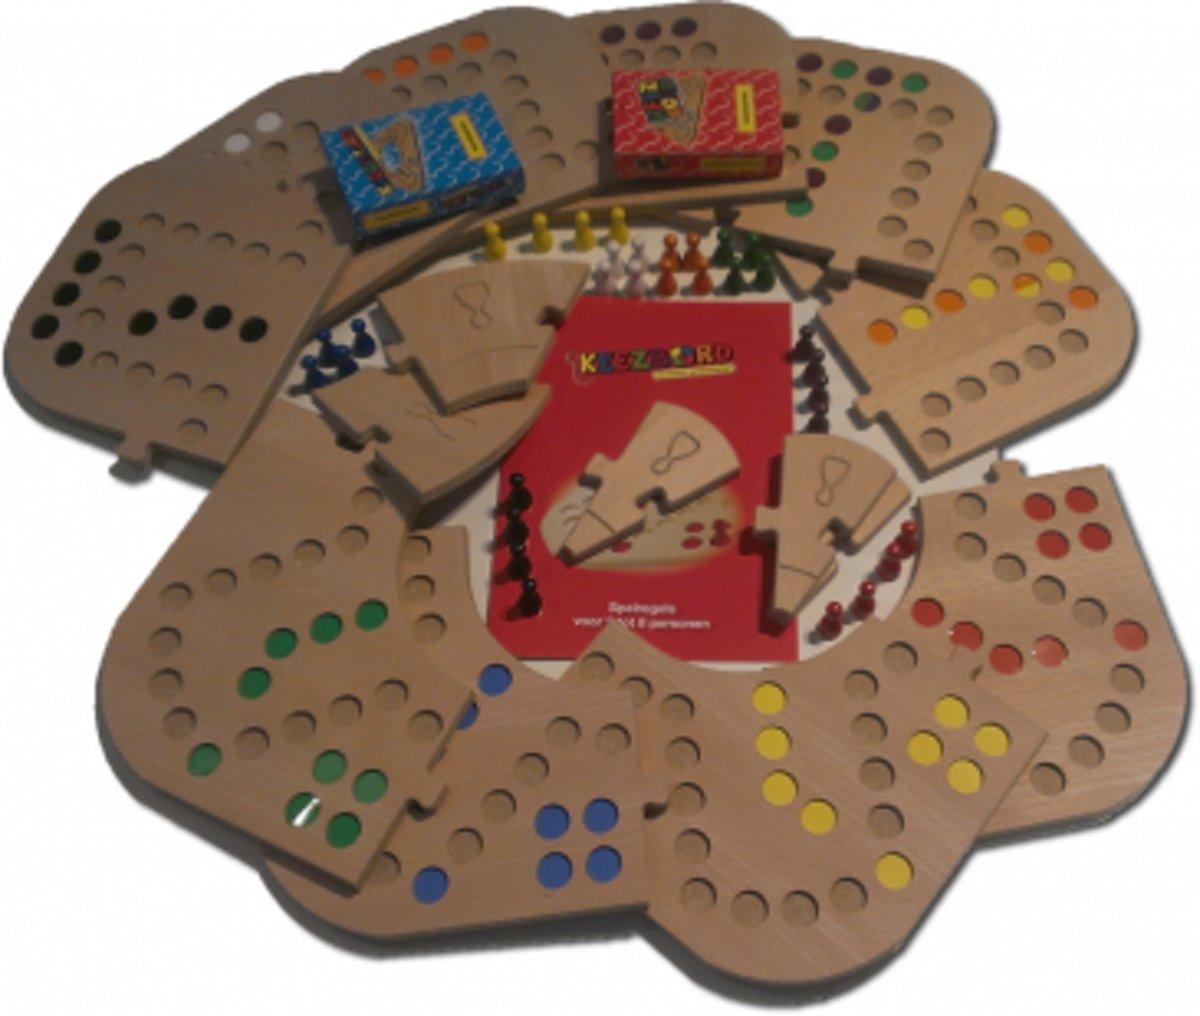 Keezbord Totaalbox Hout 8 Personen -  Keezen bordspel